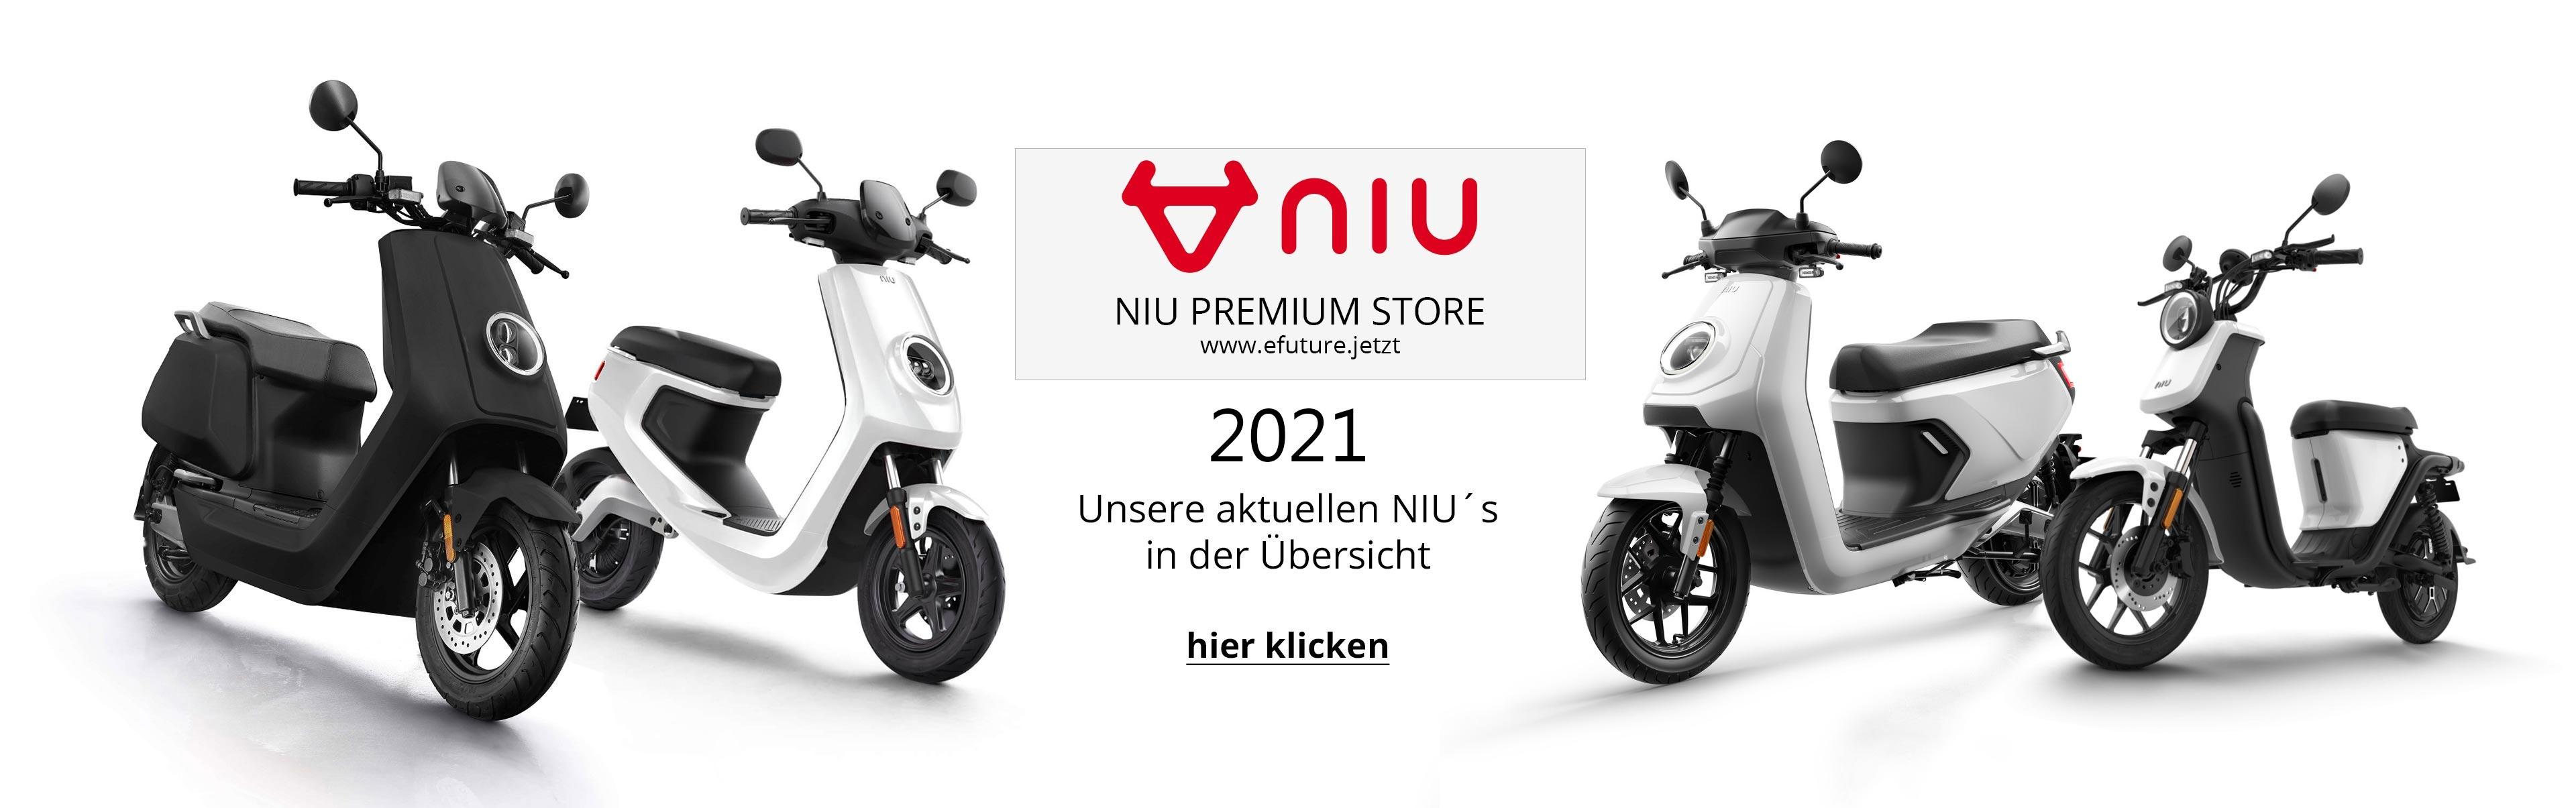 efuture_niu_modelle_uebersicht_2021